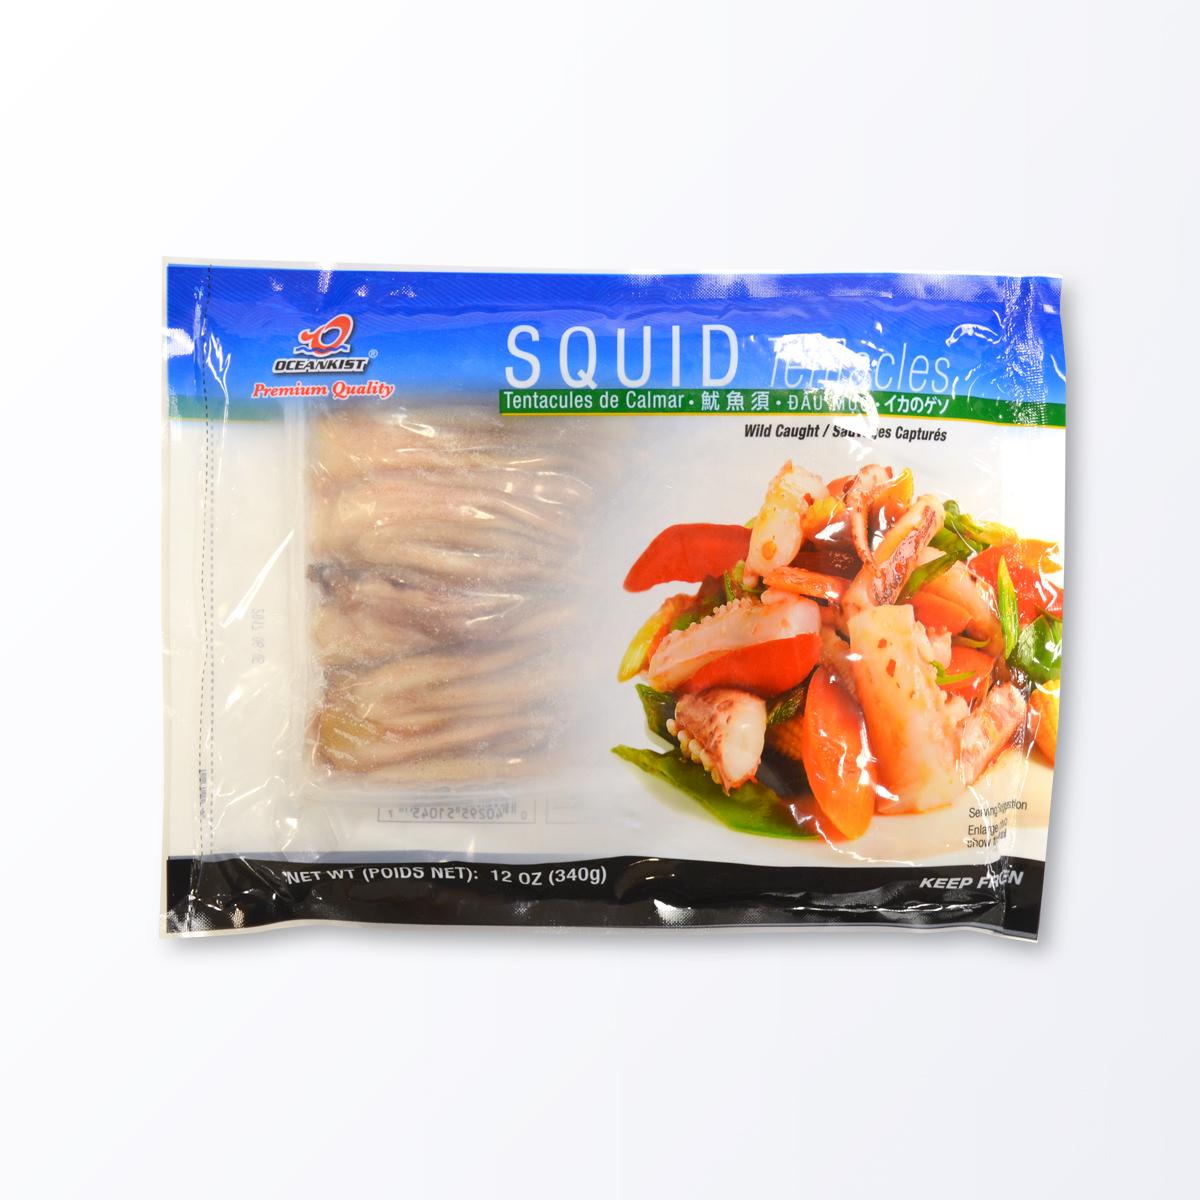 SQU263-Squild-Illex-Tentacles.jpg